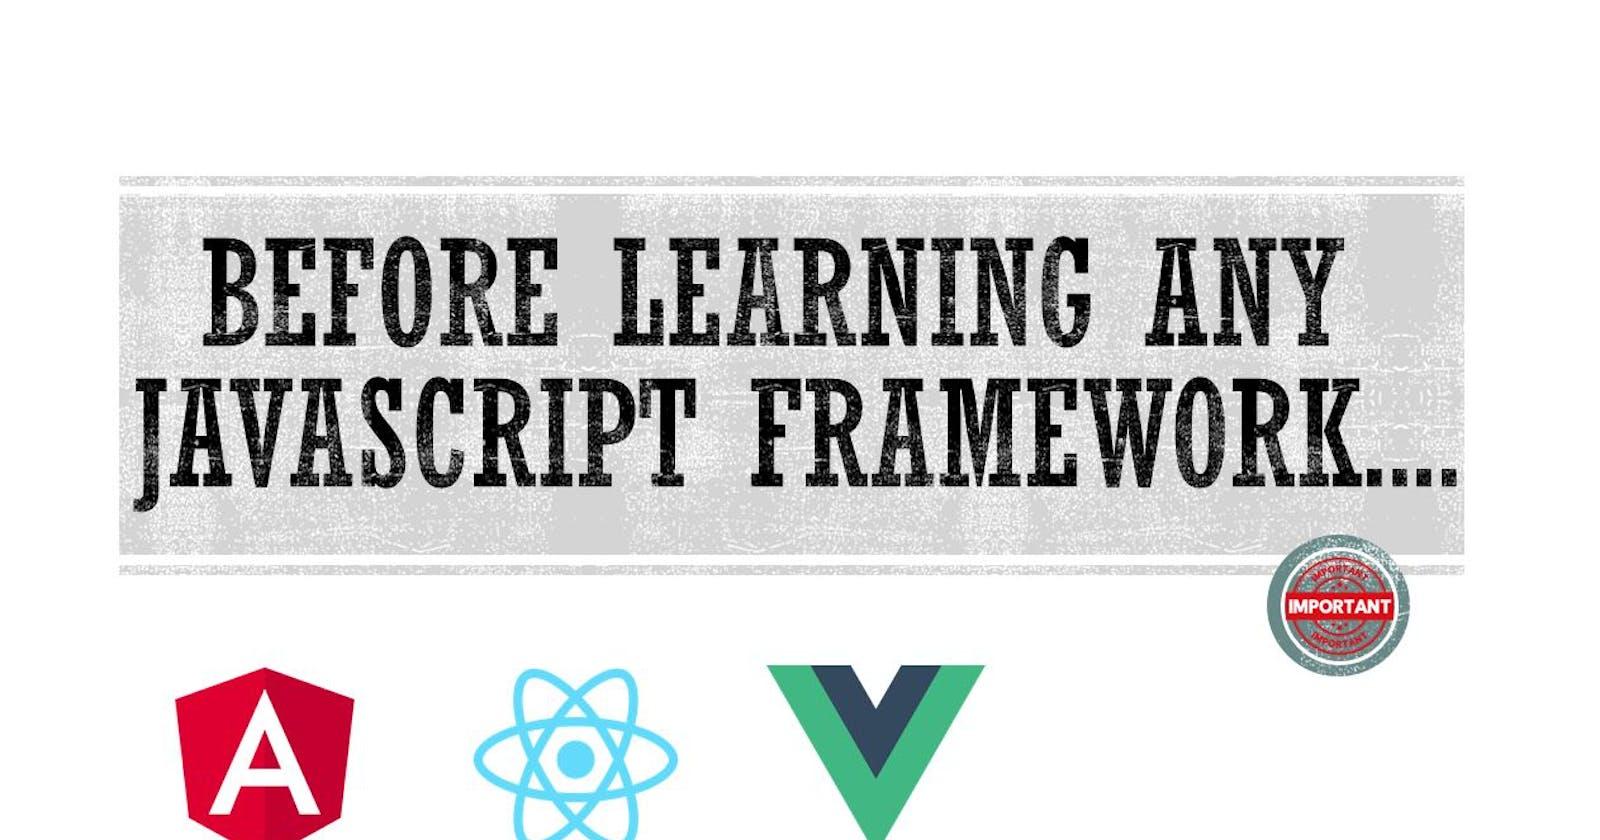 Before learning any Java Script Framework....